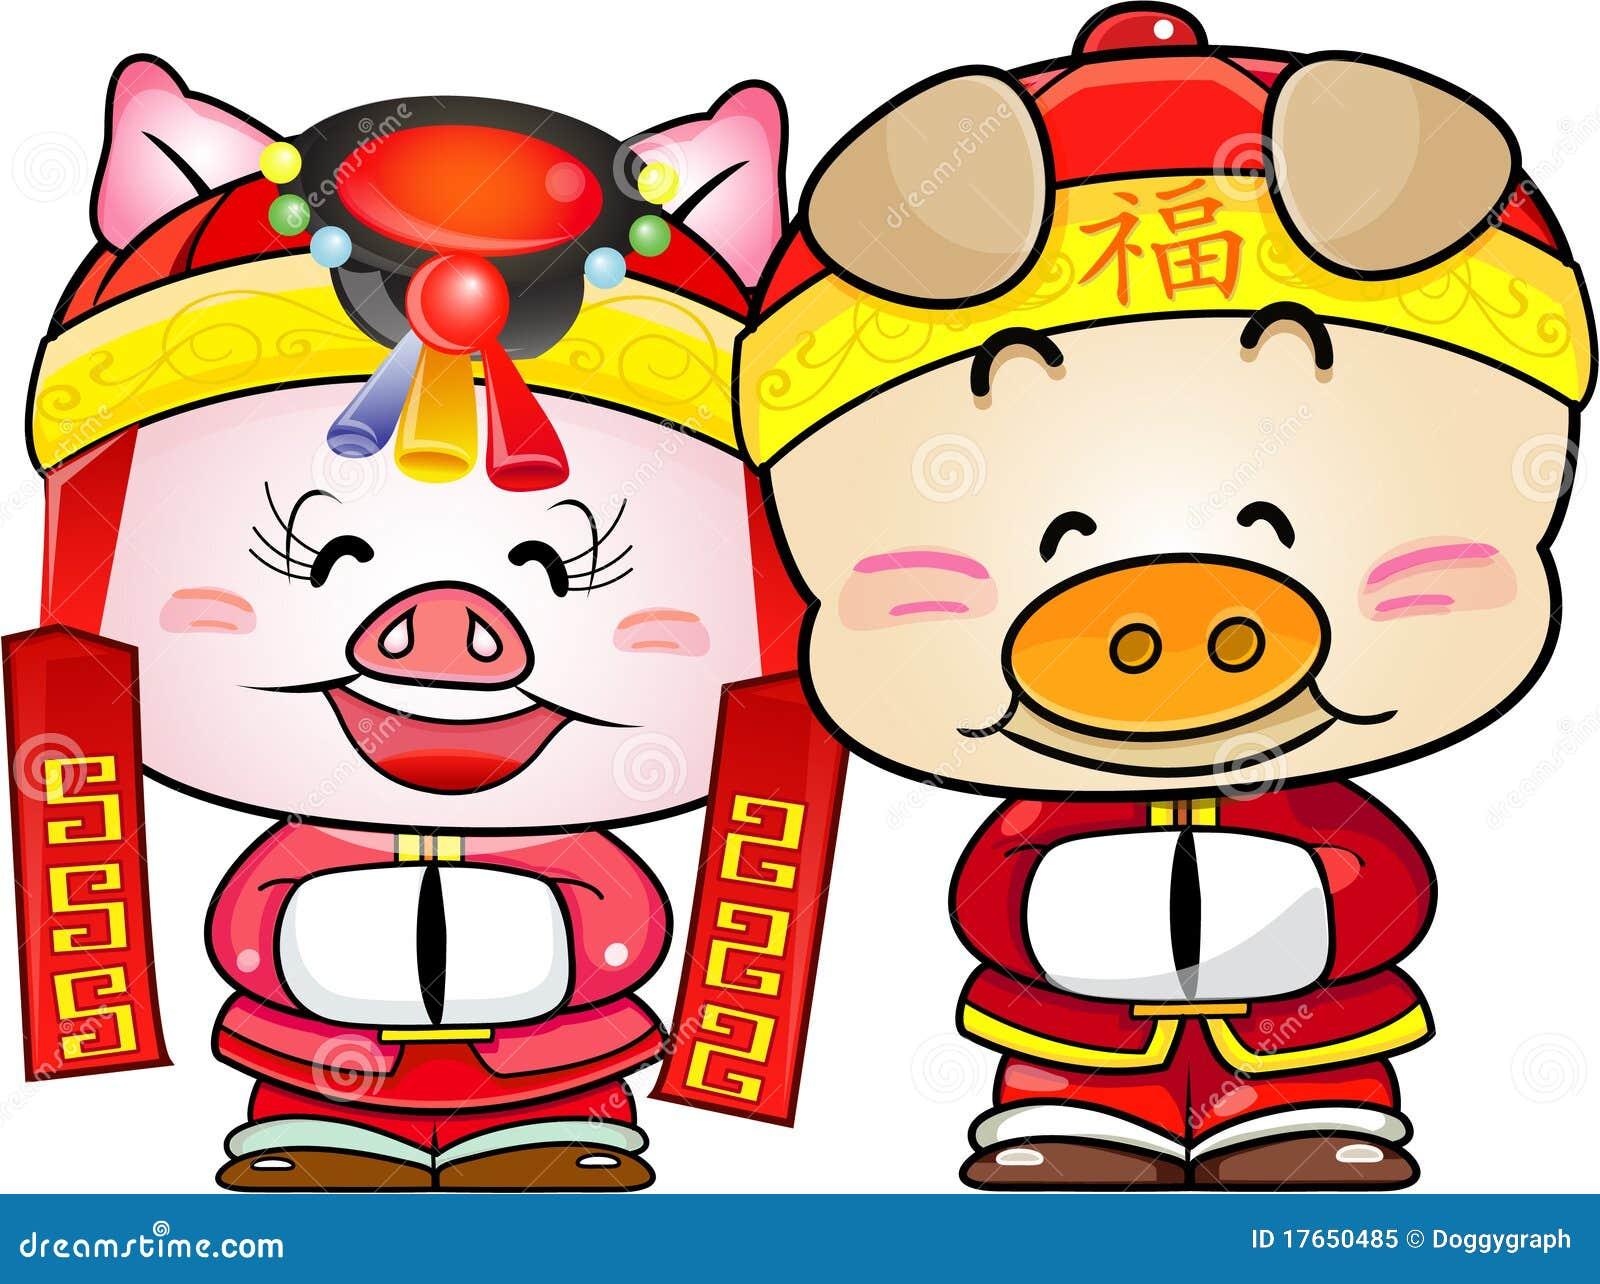 С новым годом свиньи по китайски открытки